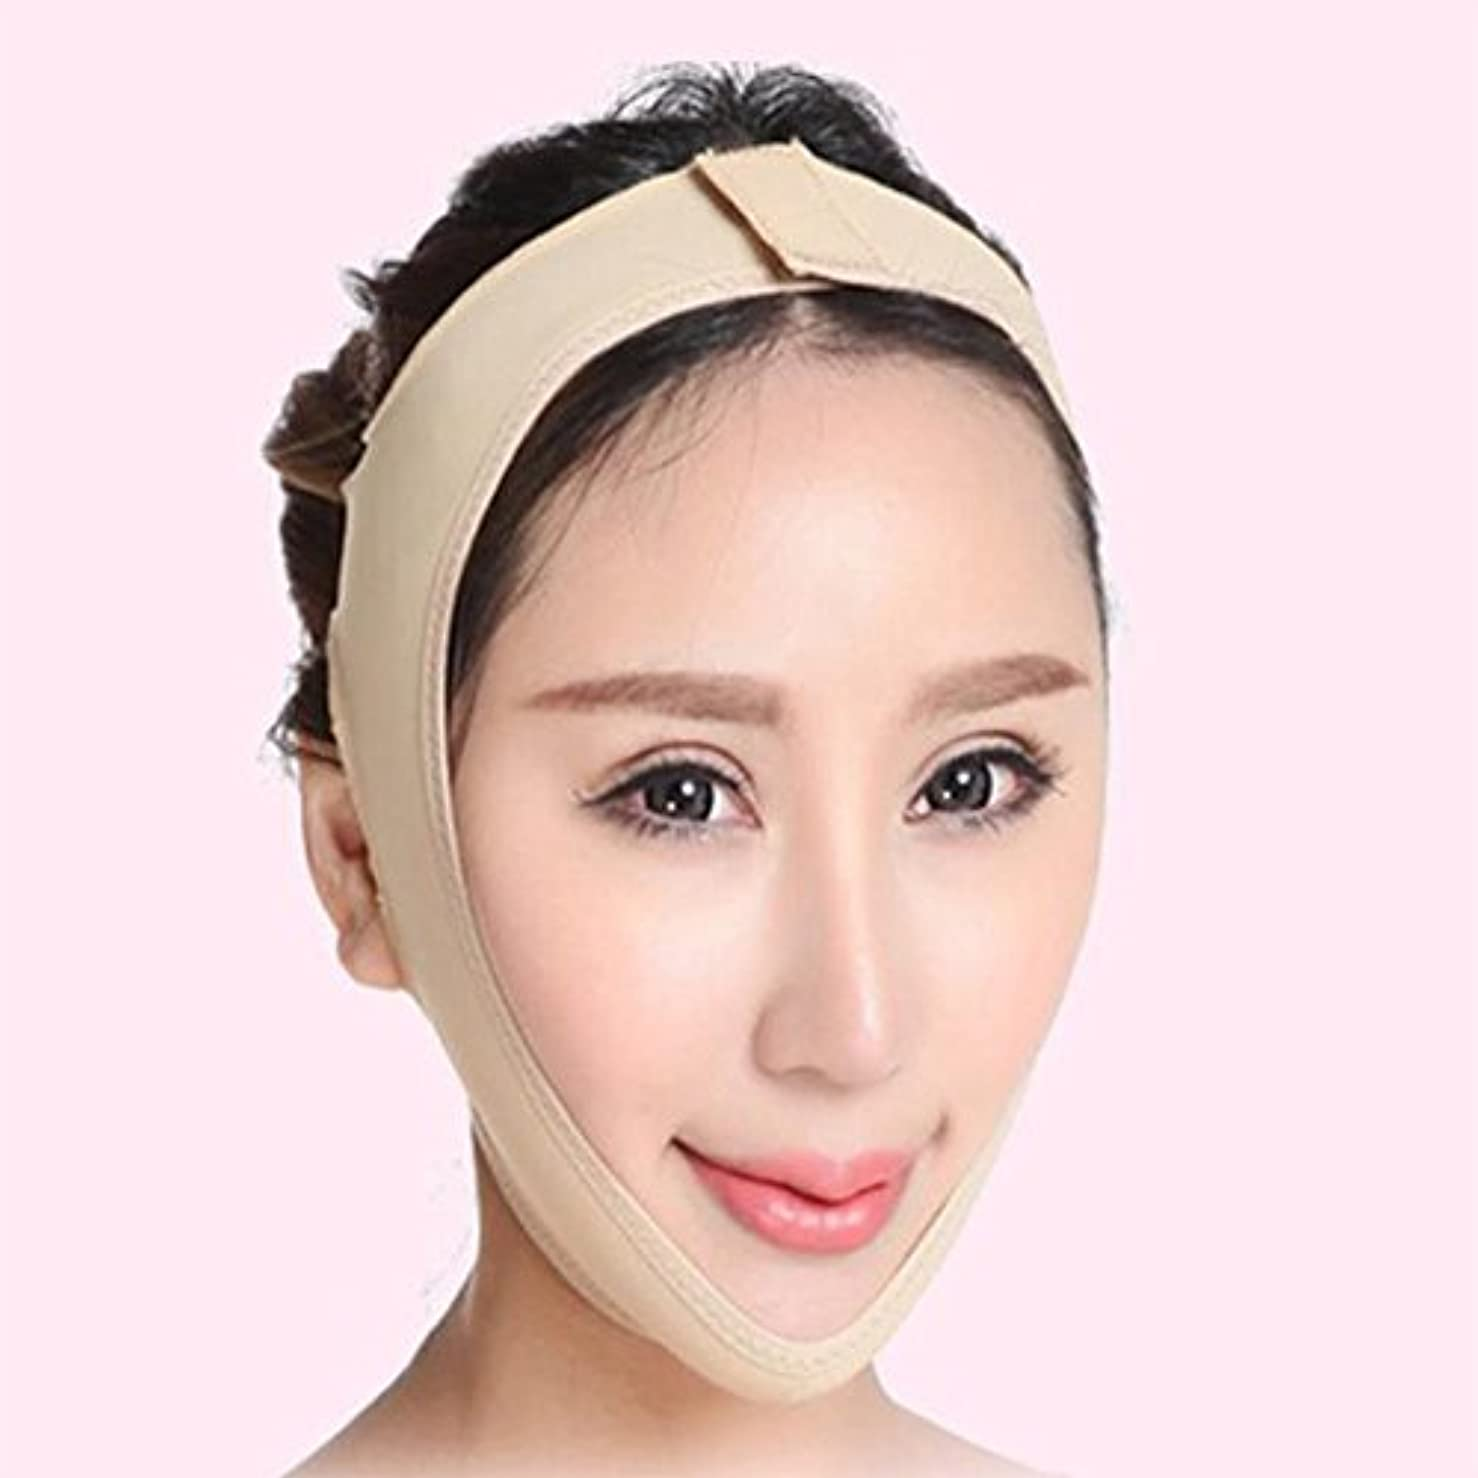 SD 小顔 小顔マスク リフトアップ マスク フェイスライン 矯正 あご シャープ メンズ レディース Sサイズ AZD15003-S